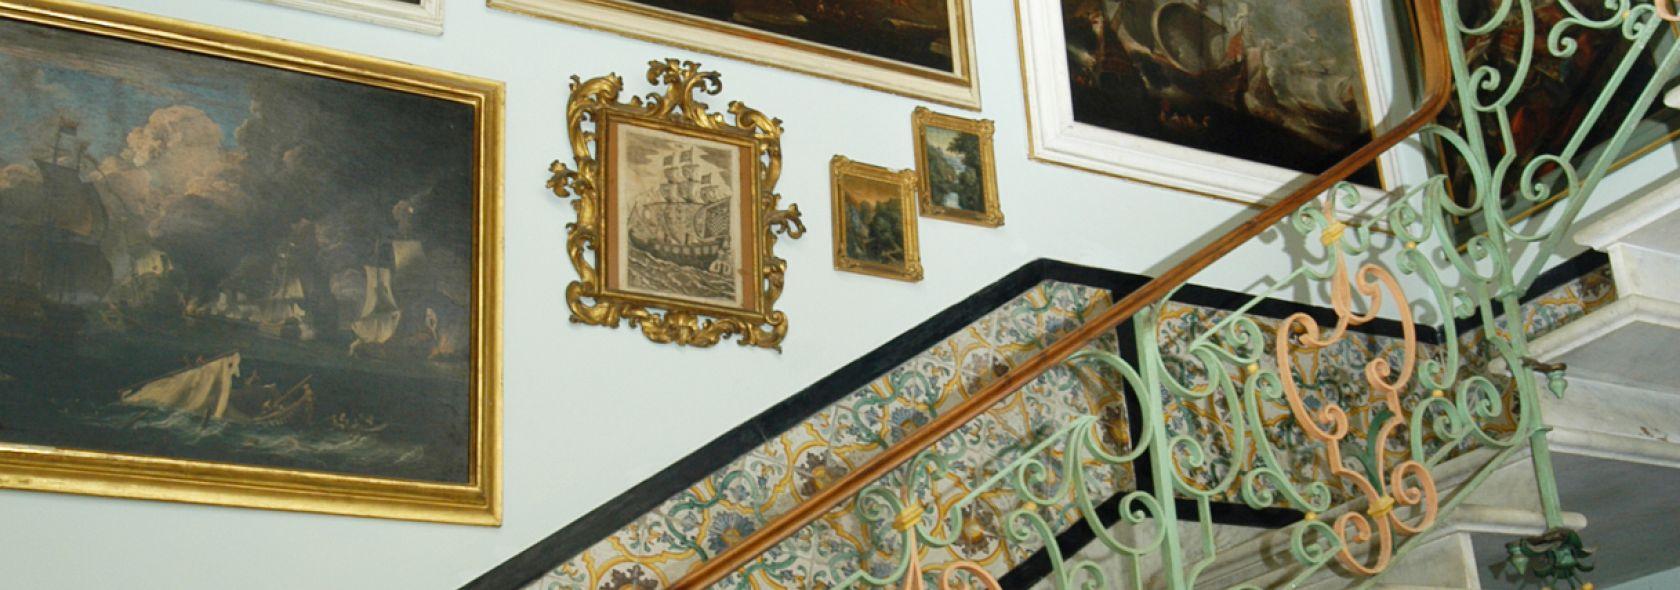 Museo Giannettino Luxoro - scalone - DOCSAI - ©Archivio fotografico Genova